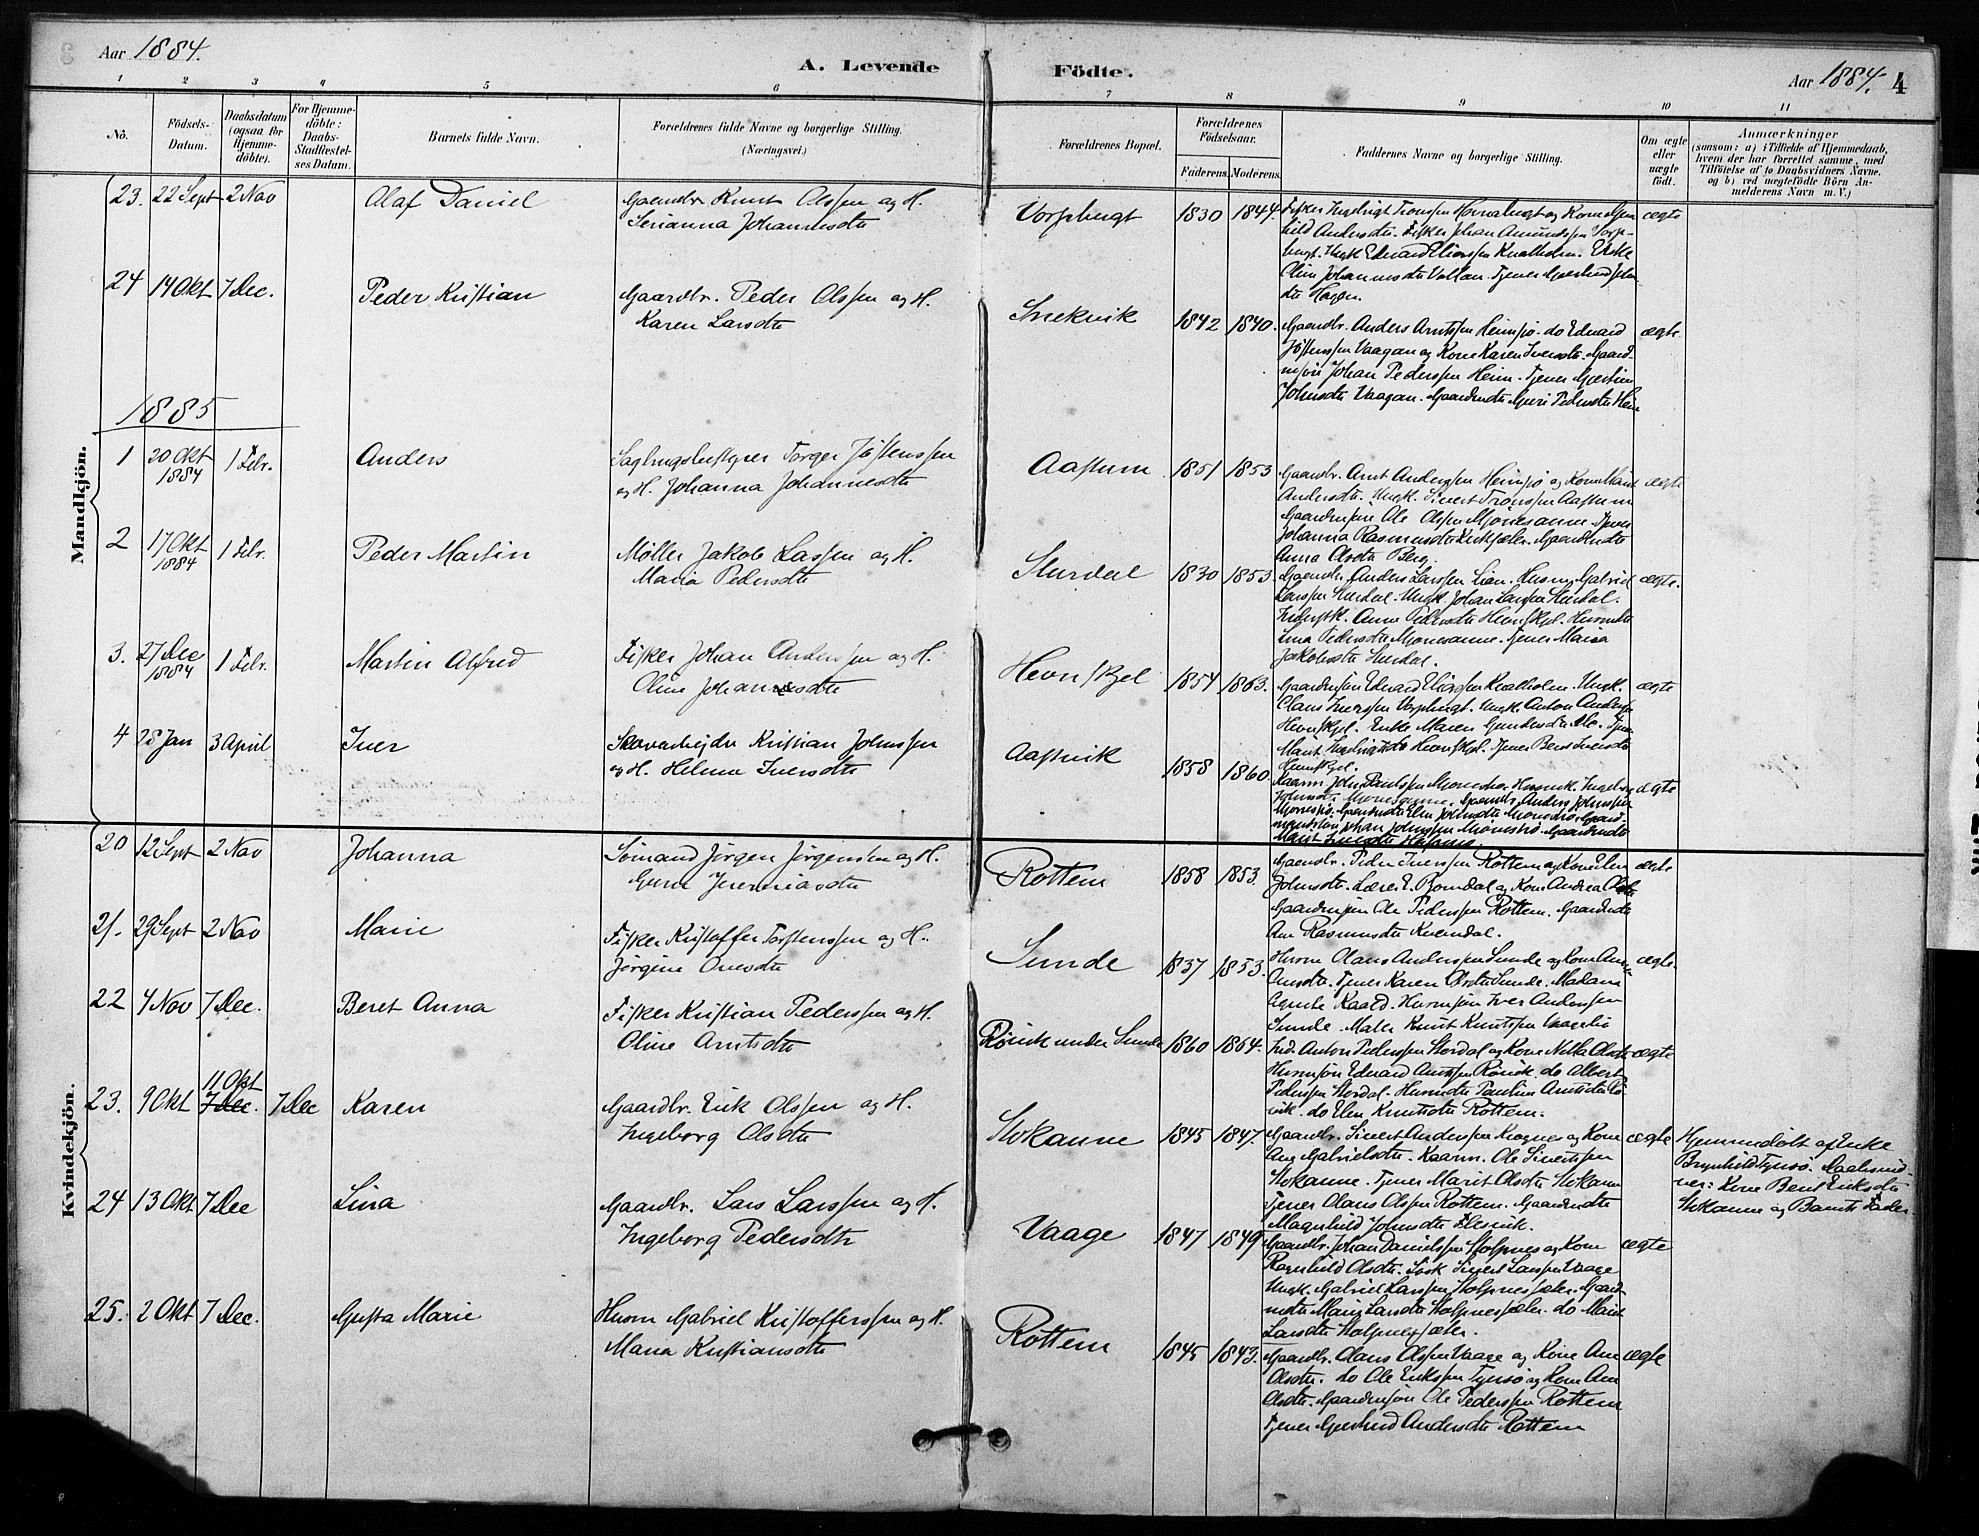 SAT, Ministerialprotokoller, klokkerbøker og fødselsregistre - Sør-Trøndelag, 633/L0518: Ministerialbok nr. 633A01, 1884-1906, s. 4